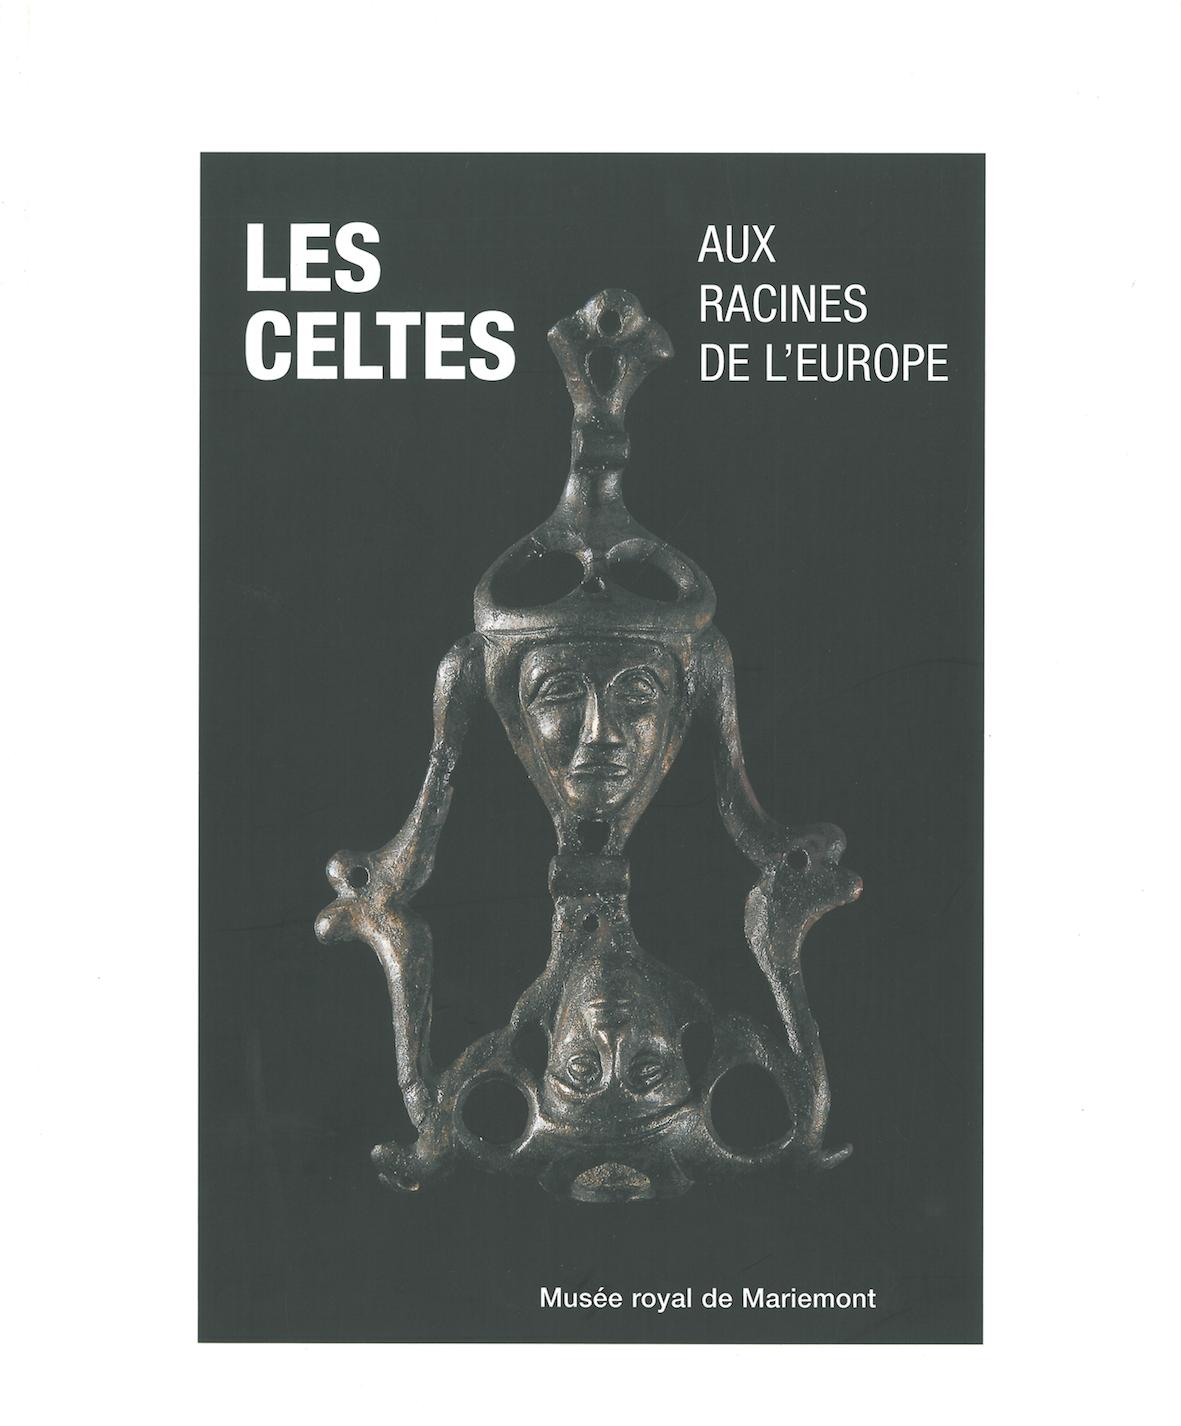 Les Celtes, aux racines de l'Europe